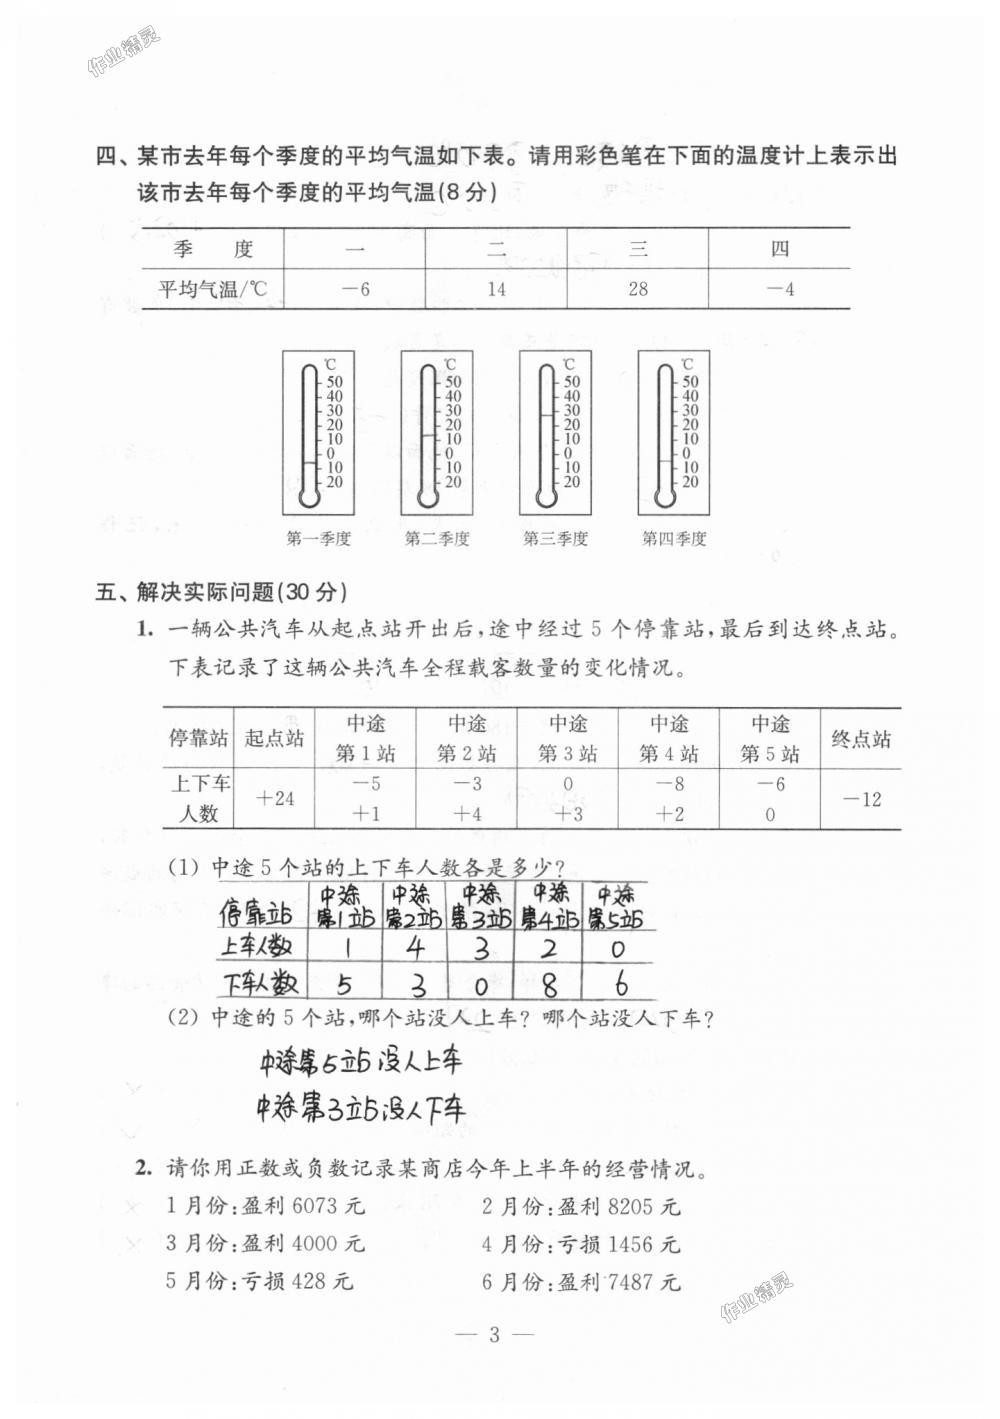 2018年练习与测试检测卷五年级数学上册苏教版第3页